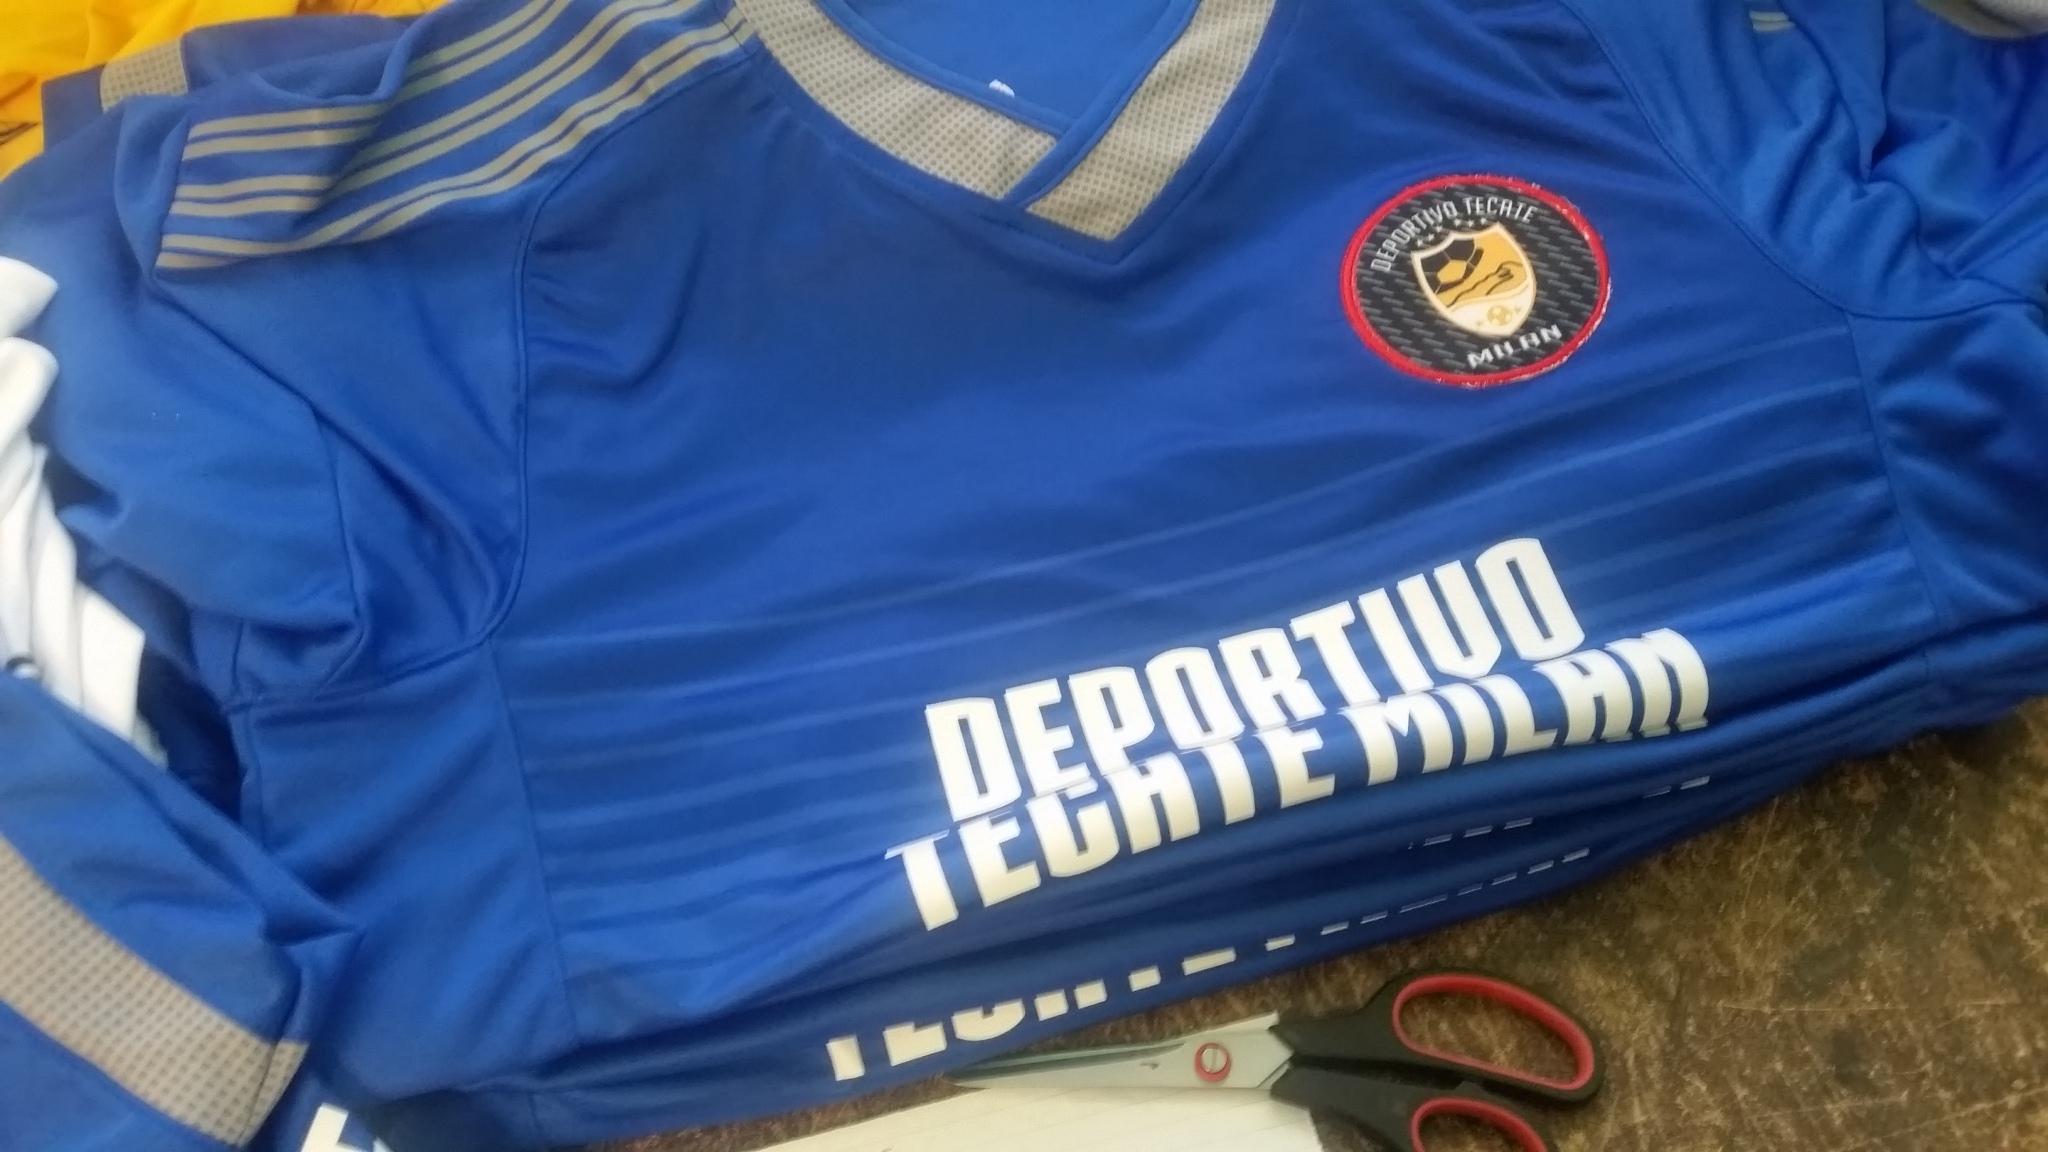 MEDIDAS DE LAS PLAYERAS DE FÚTBOL SOCCER - Comercial Deportiva ... 429326fc17f0b